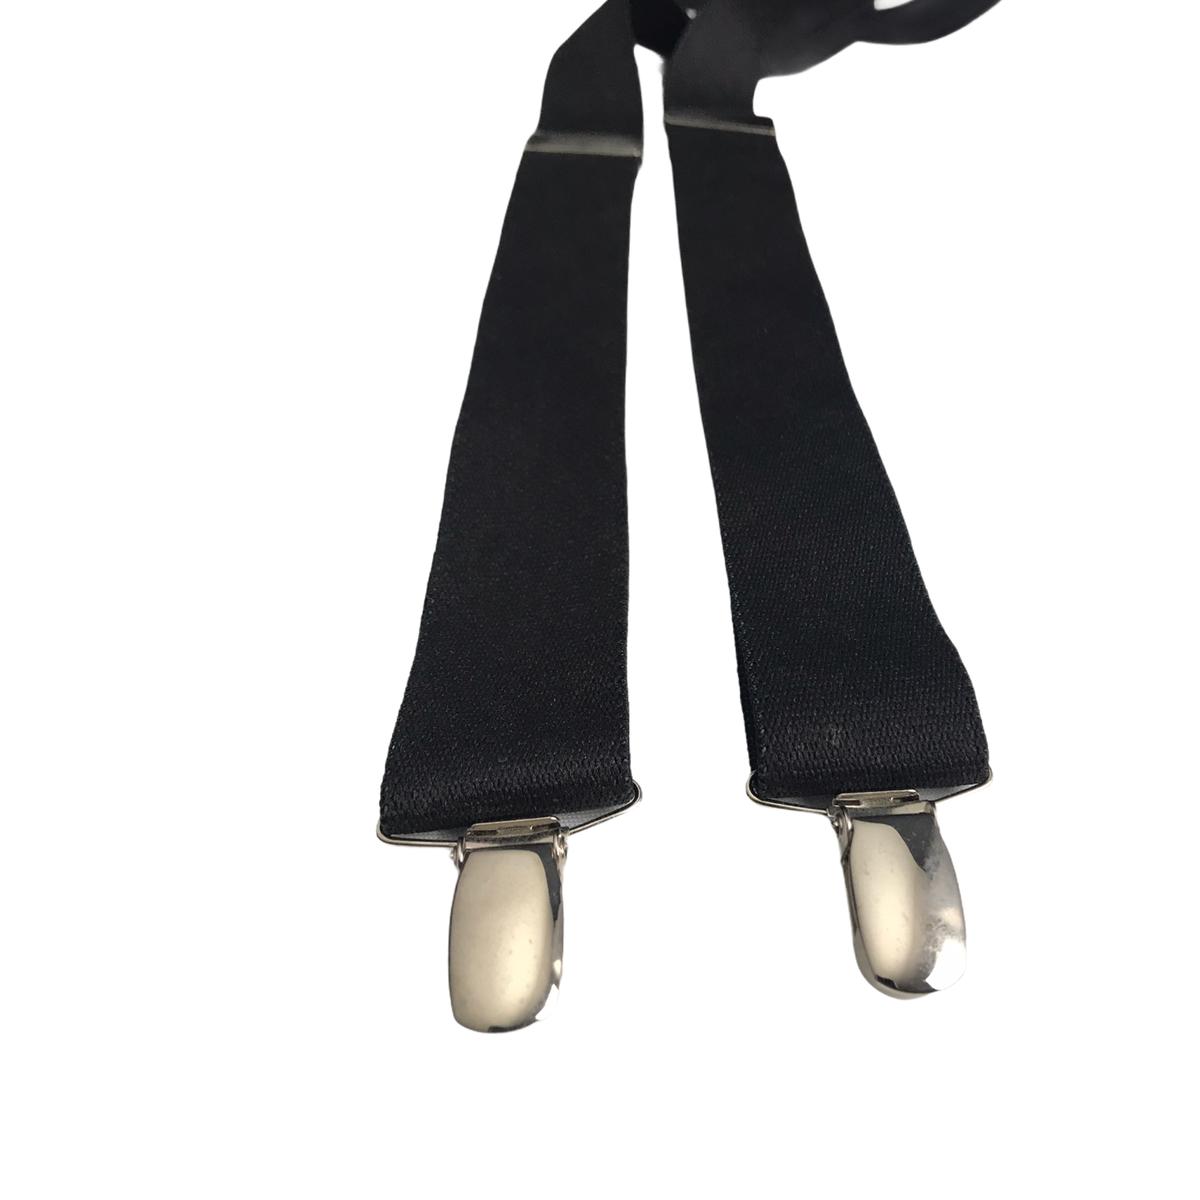 Vintage Retro Men's Black 4-Clip X-Shape Thick Adjustable Braces Suspenders